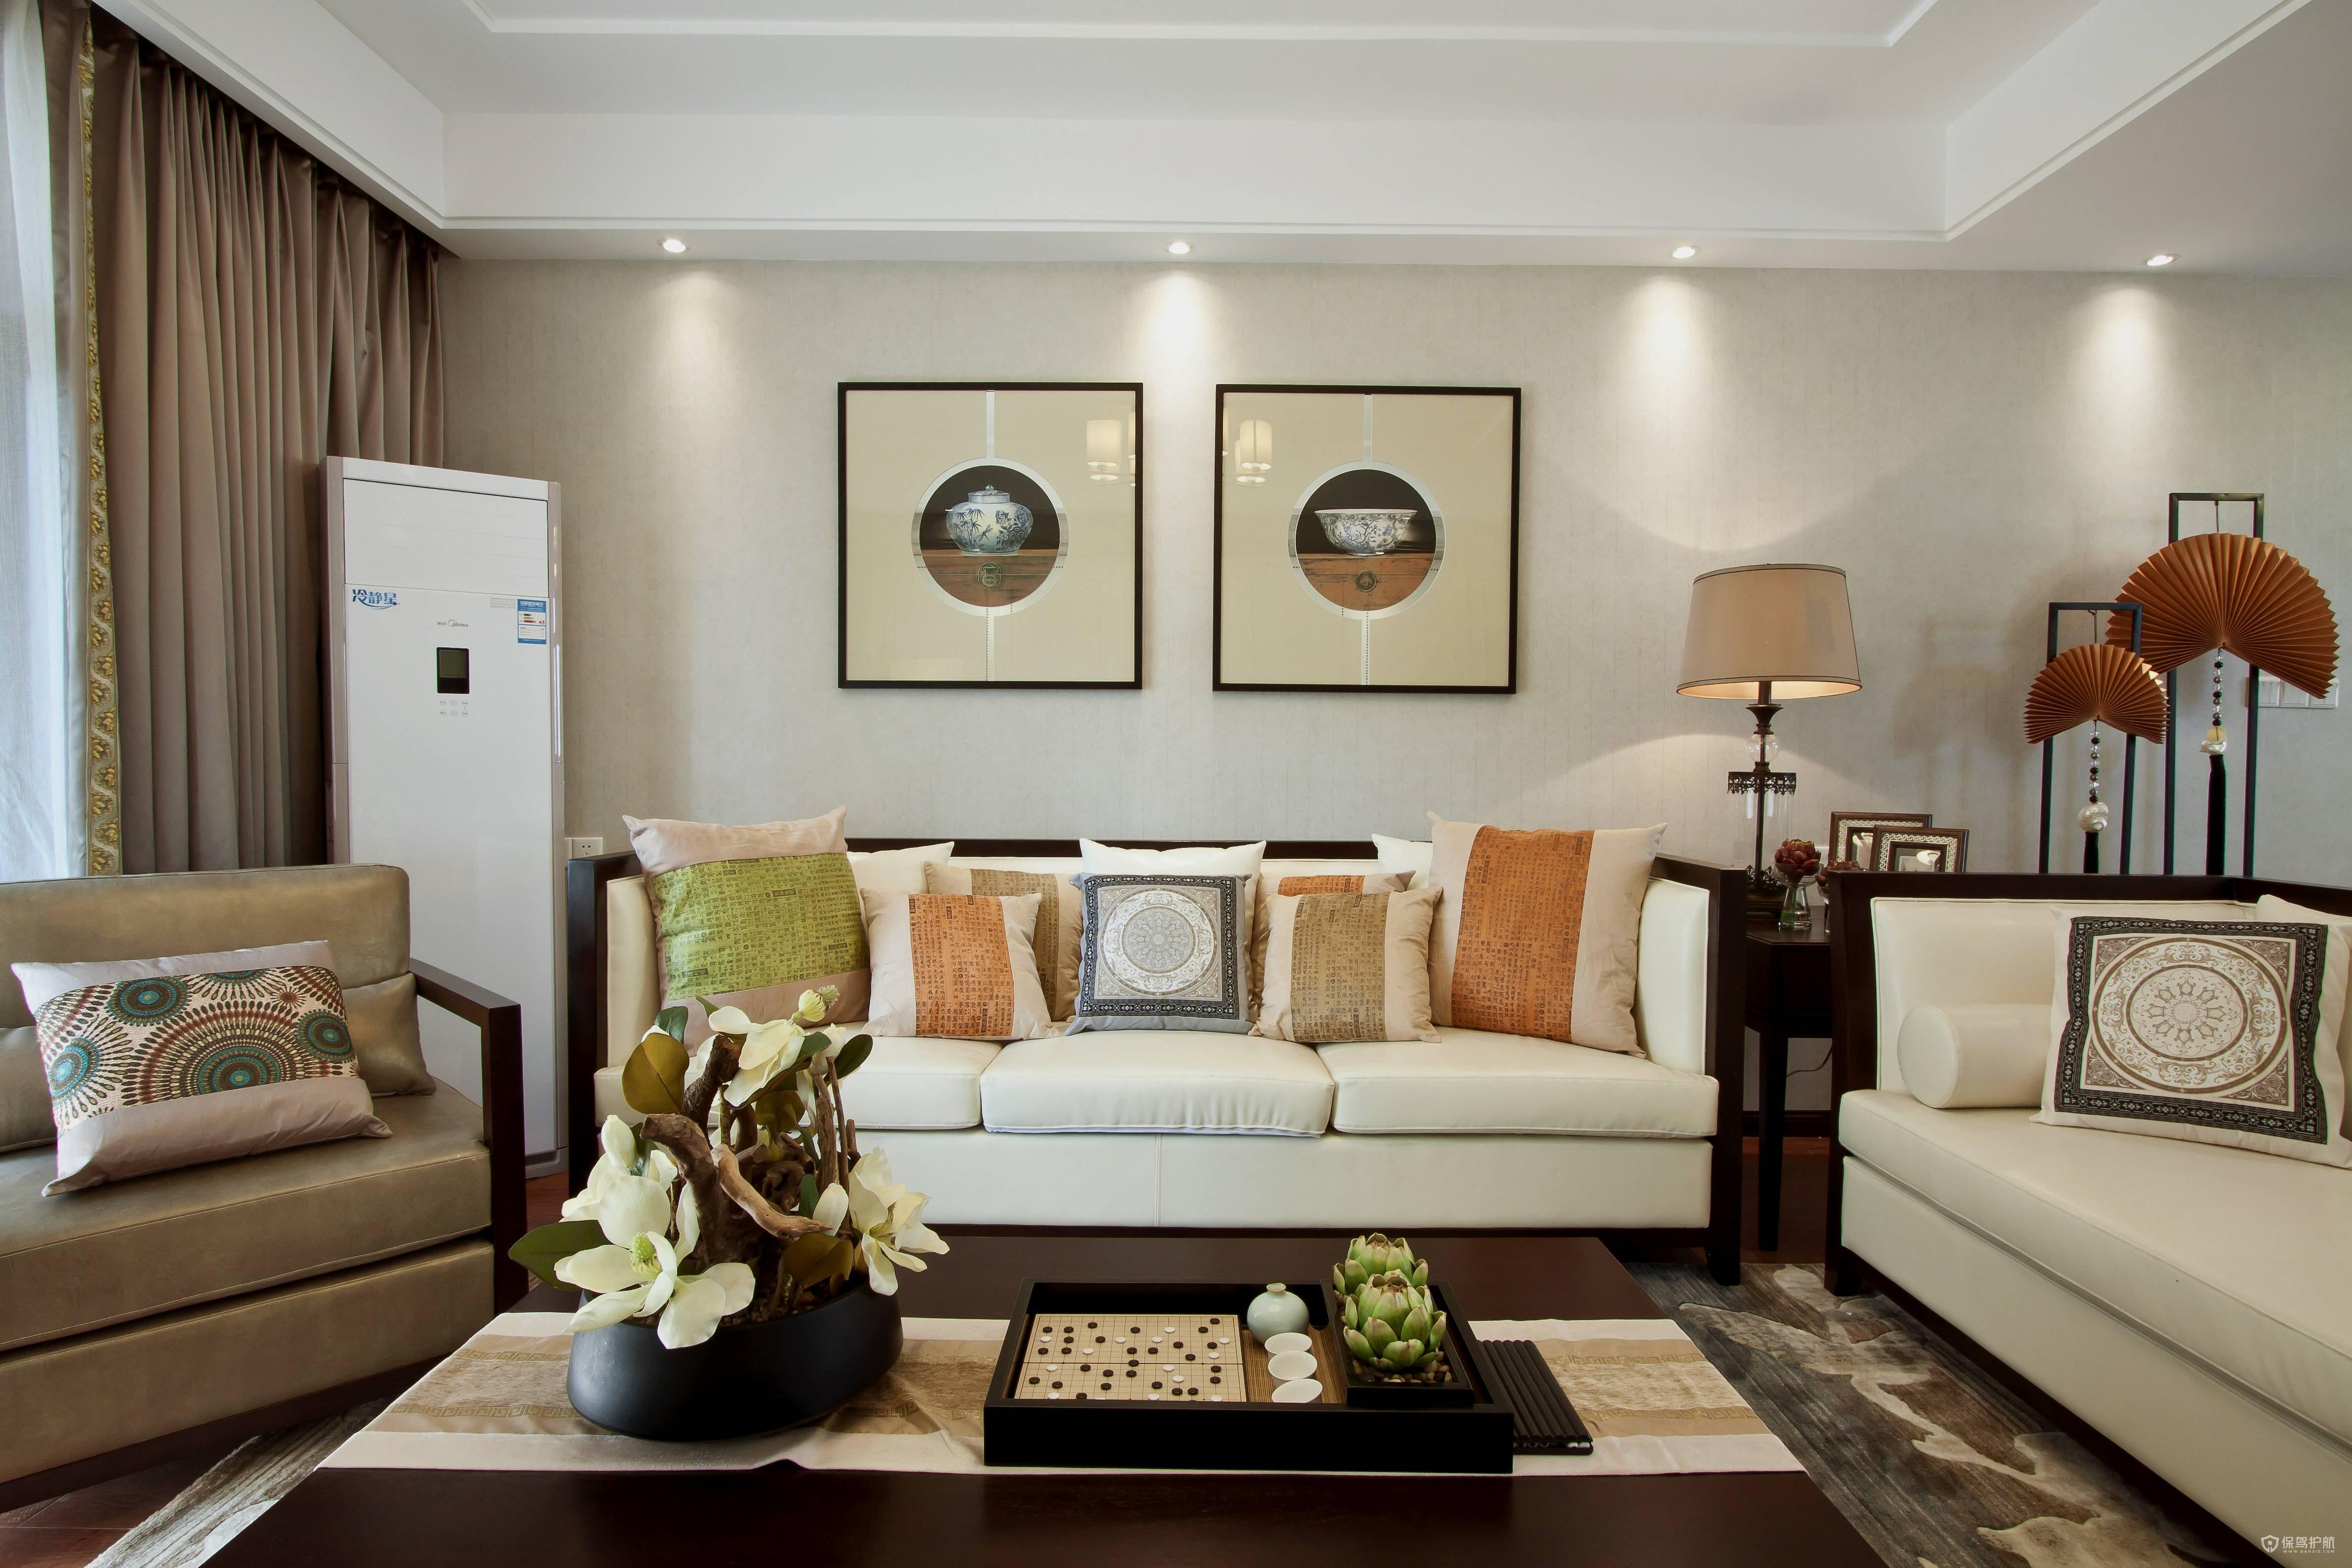 現代中式風三房客廳裝飾裝修效果圖